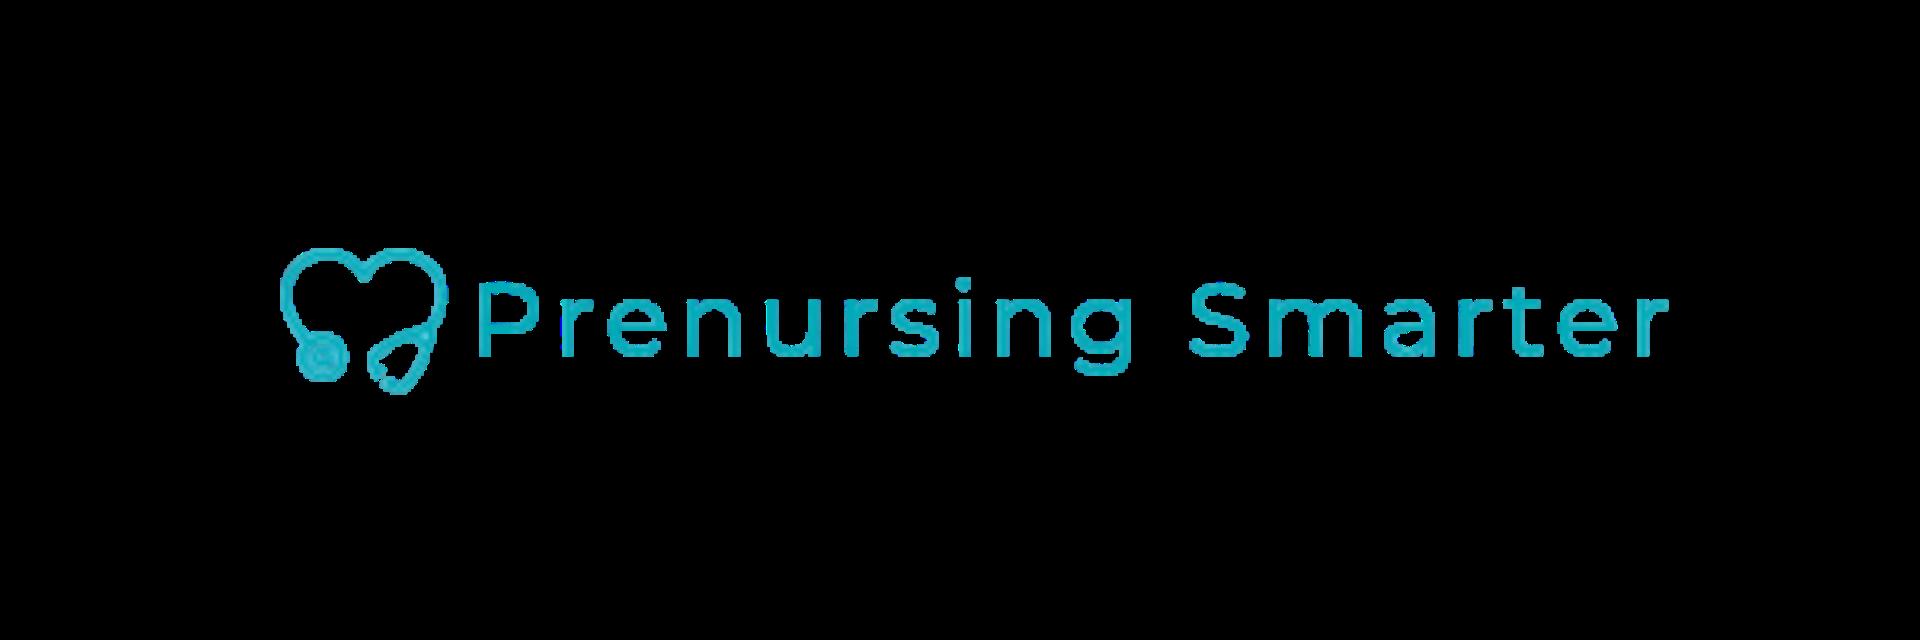 logo for prenursing smarter online test prep for the ati teas